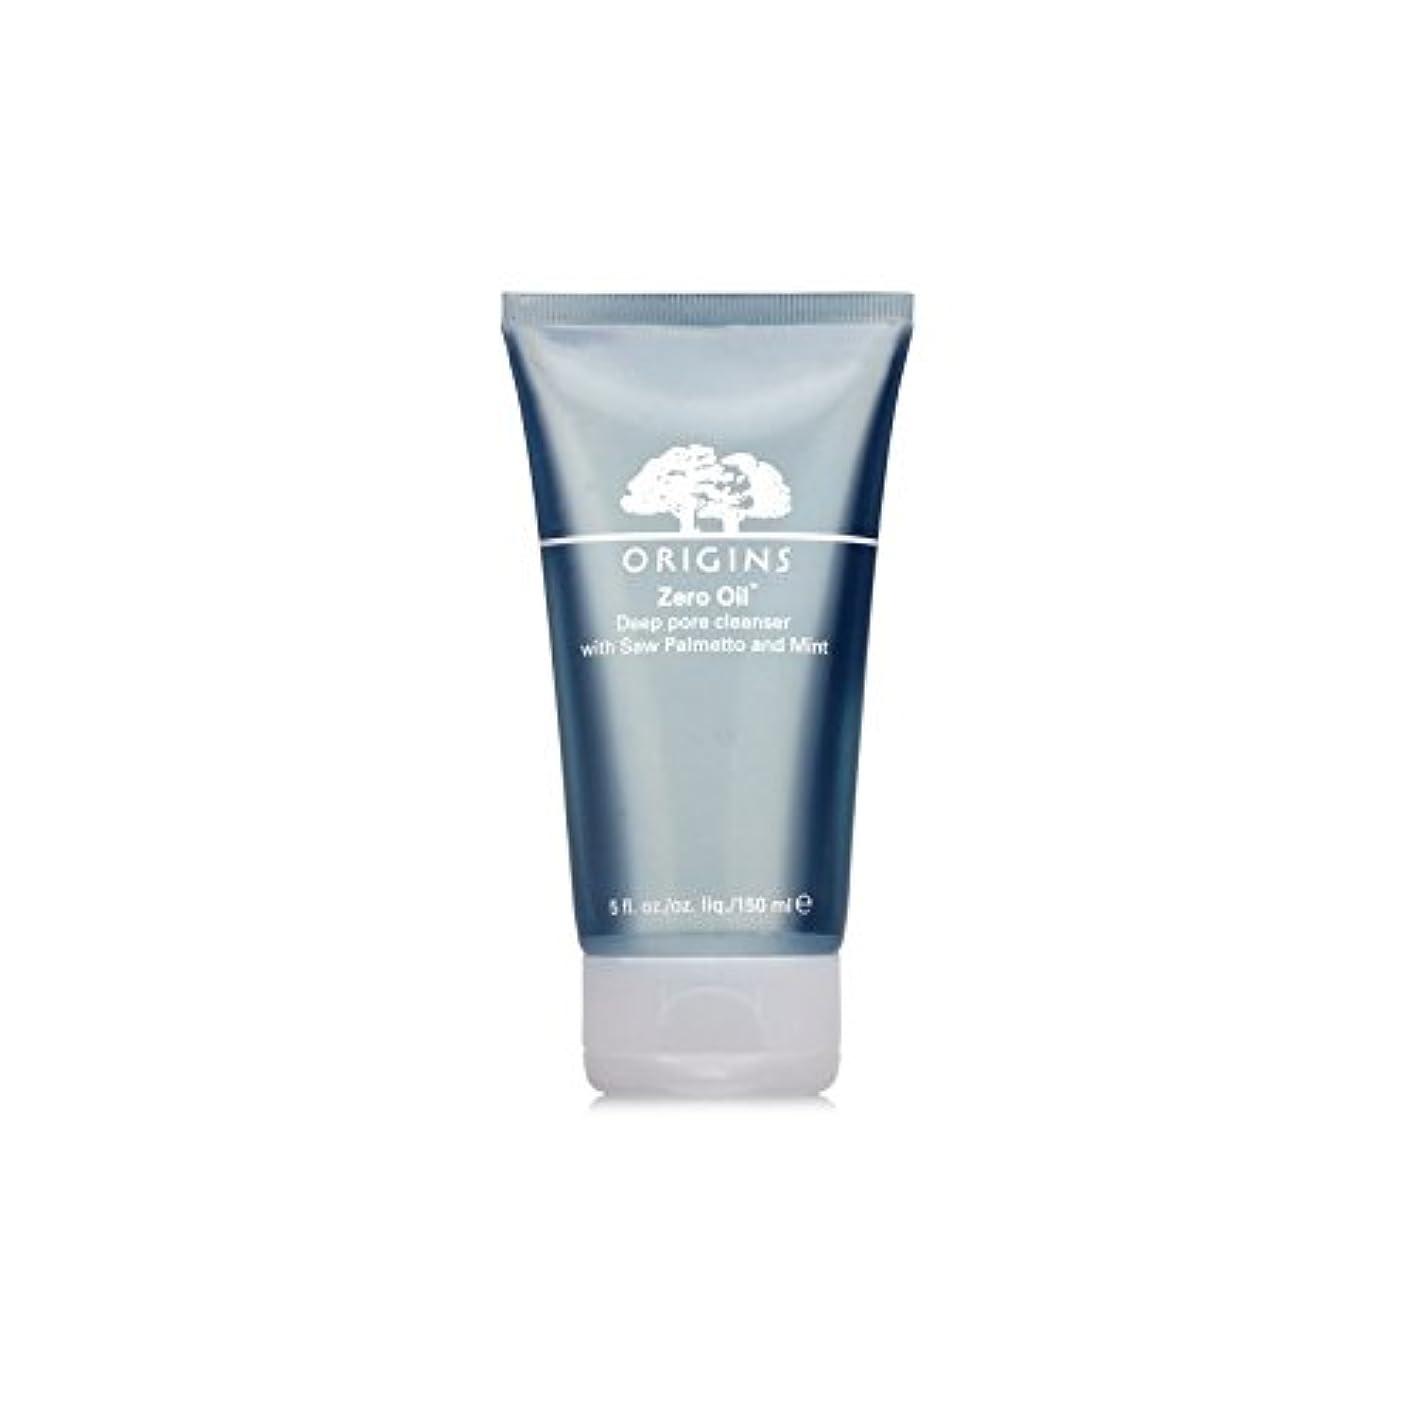 フォーラムサミットカニOrigins Zero Oil Deep Pore Cleanser With Saw Palmetto & Mint 150ml (Pack of 6) - ノコギリヤシ&ミント150ミリリットルとの起源ゼロ油深いポアクレンザー x6 [並行輸入品]